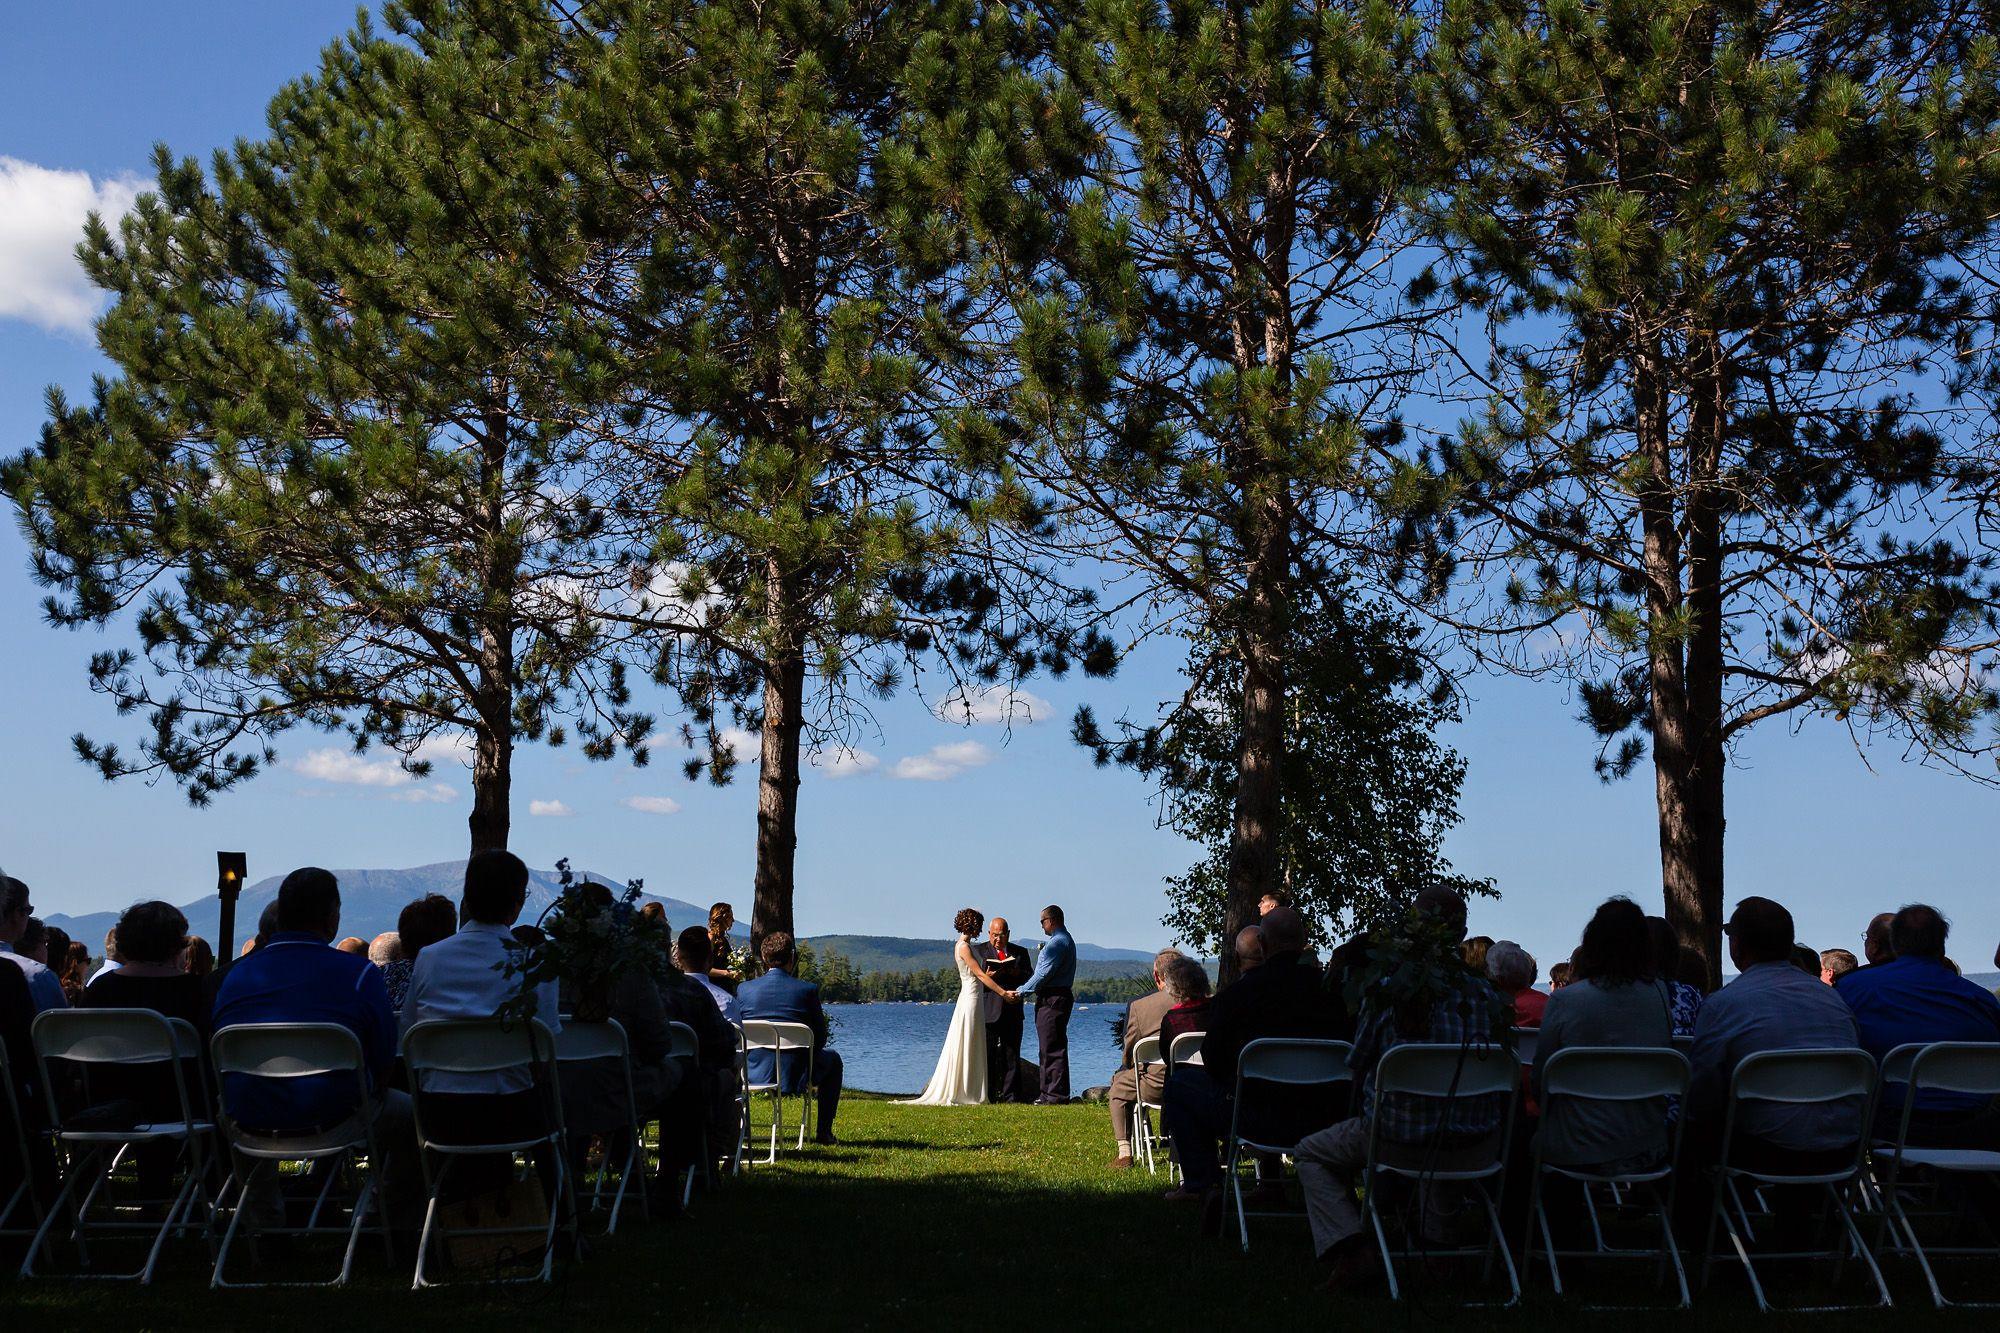 A bride and groom at their wedding near Katahdin, Maine